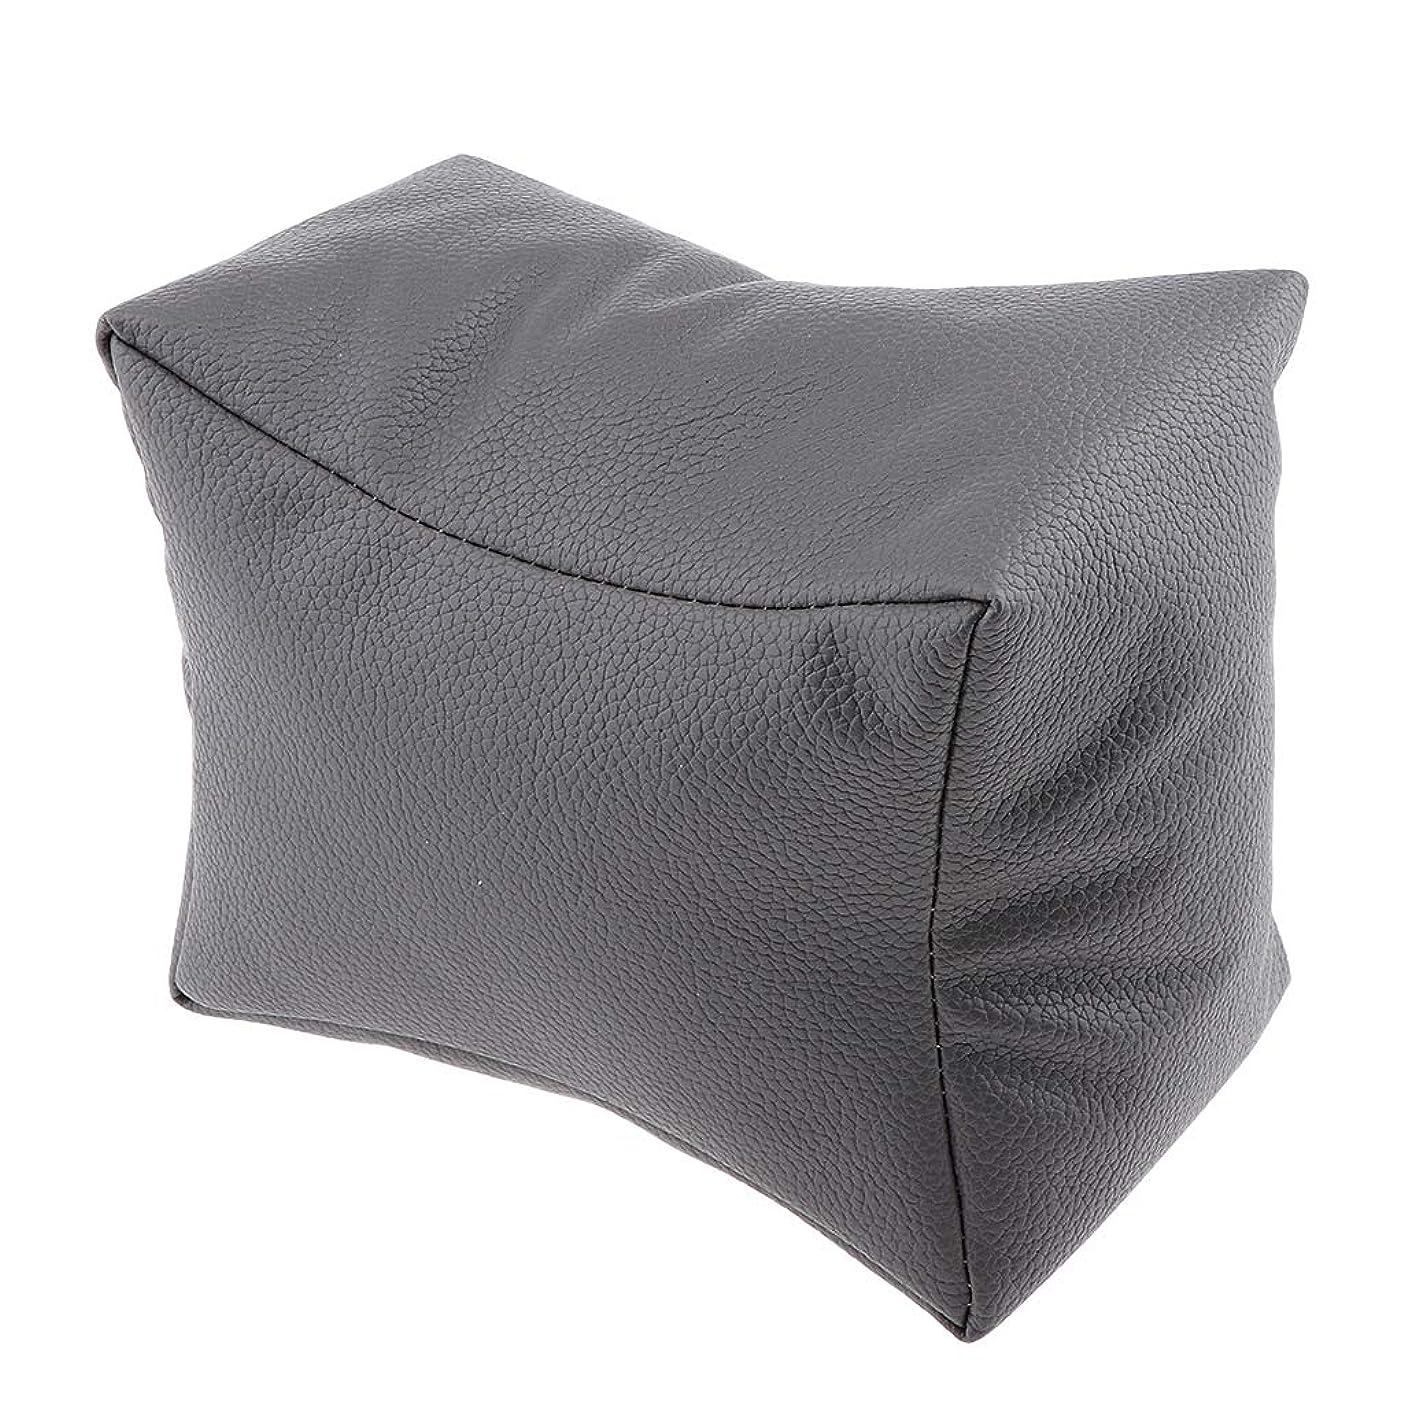 無駄大腿正確にSM SunniMix ハンドクッション レストピロー ネイルアートデザイン 手枕 ソフト 4色選べ - グレー